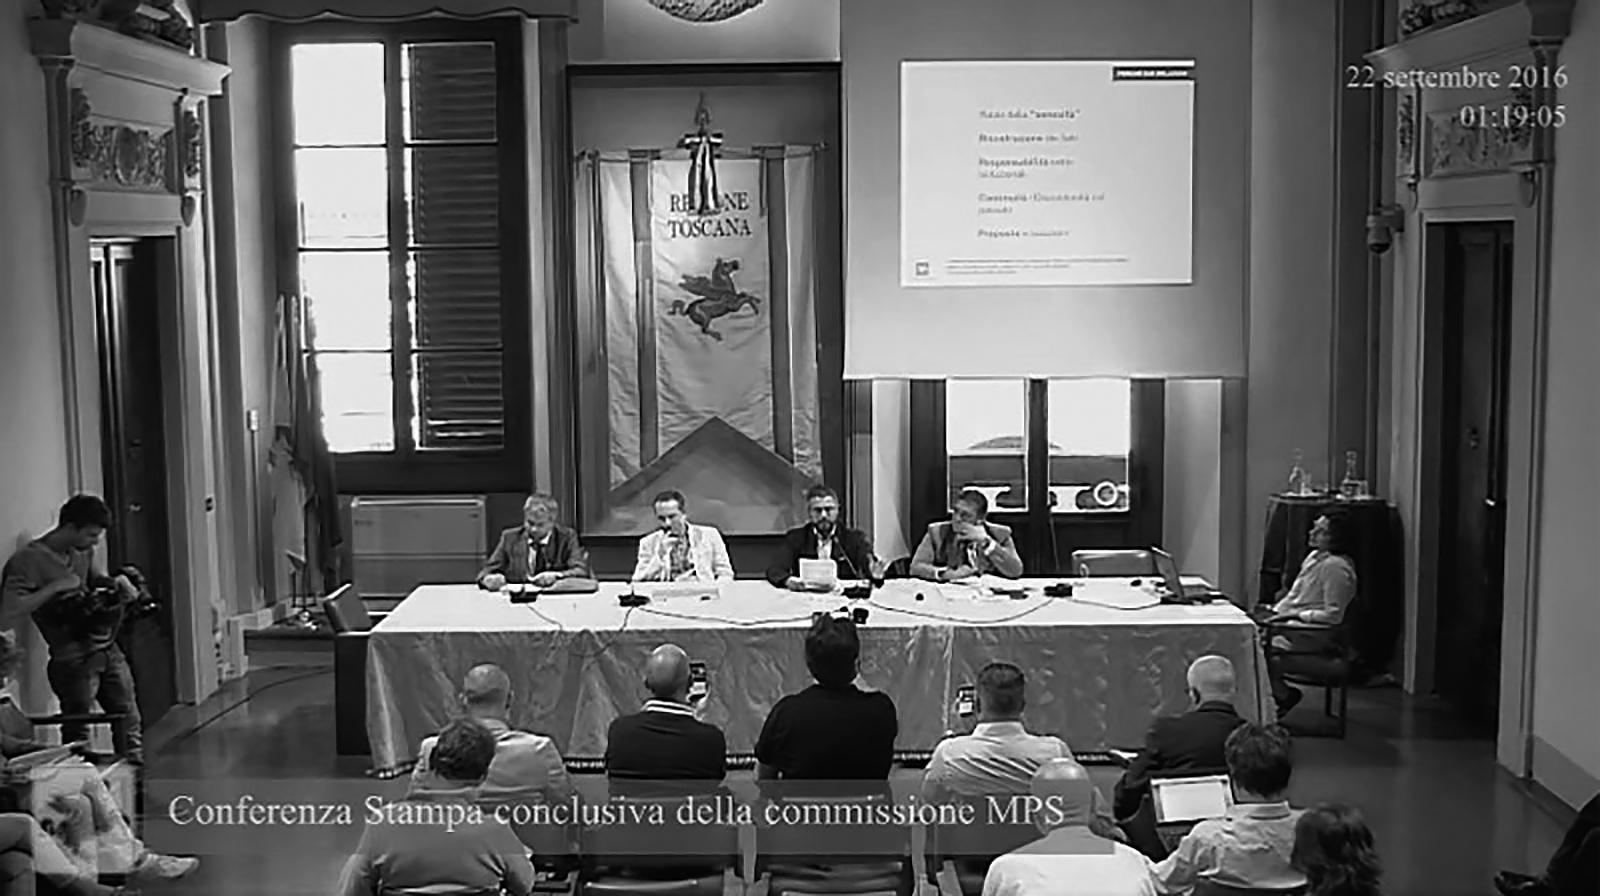 La presentazione della Relazione finale della commissione MPS